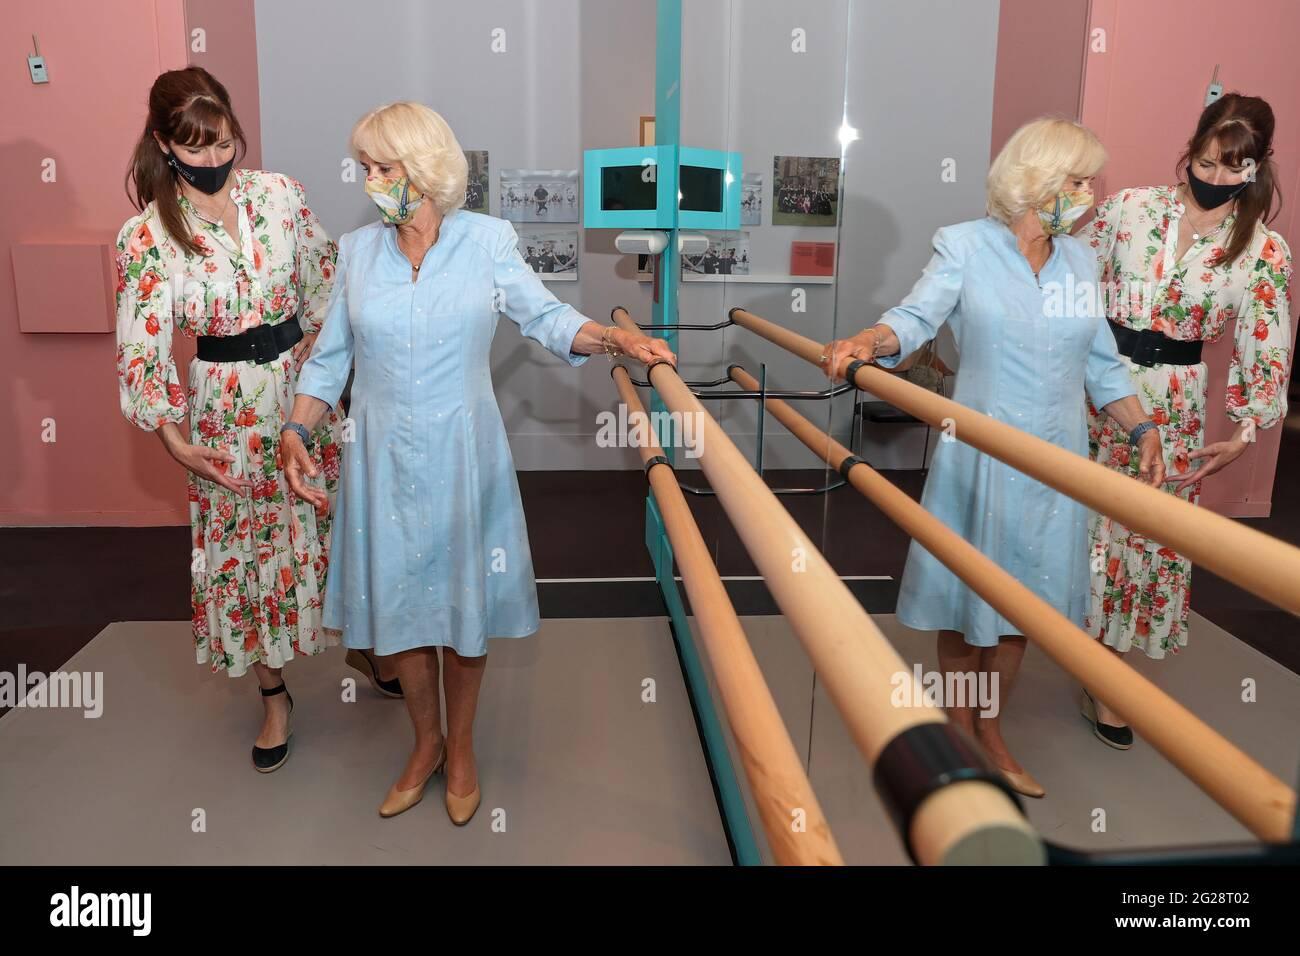 La Duchessa di Cornovaglia, vice-patrona della Royal Academy of Dance, con Dame Darcey Bussell durante una visita al Victoria and Albert Museum di Londra per vedere la mostra centenaria dell'accademia, intitolata 'on Point: Royal Academy of Dance at 100'. Data immagine: Mercoledì 9 giugno 2021. Foto Stock